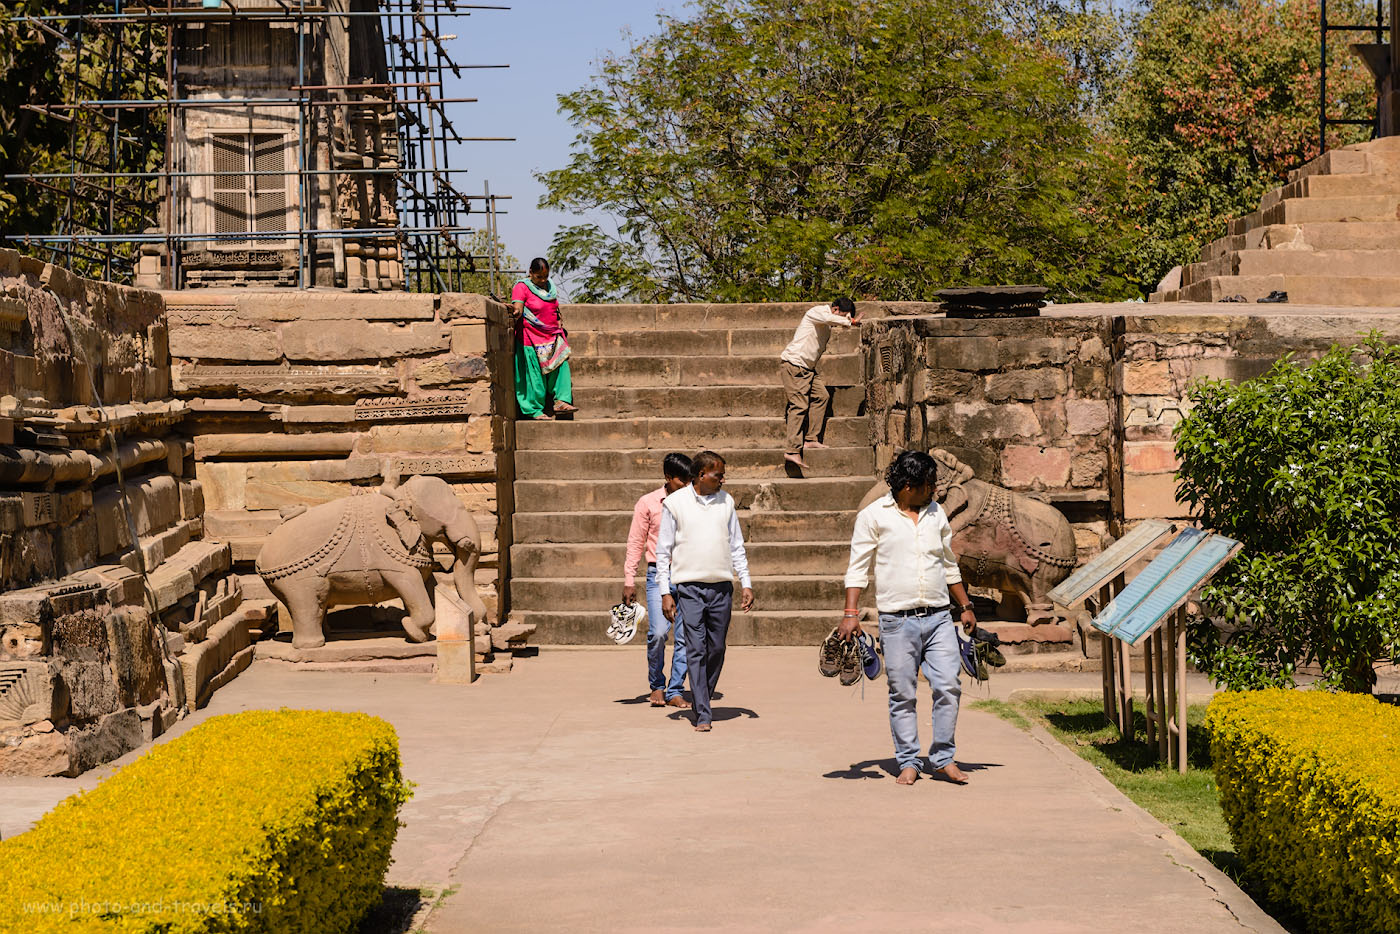 Фото 3. Туристы на ступенях одного из храмов Кхаджурахо. Поездка по Индии в феврале. 1/640, -1.0, 8.0, 100, 70.